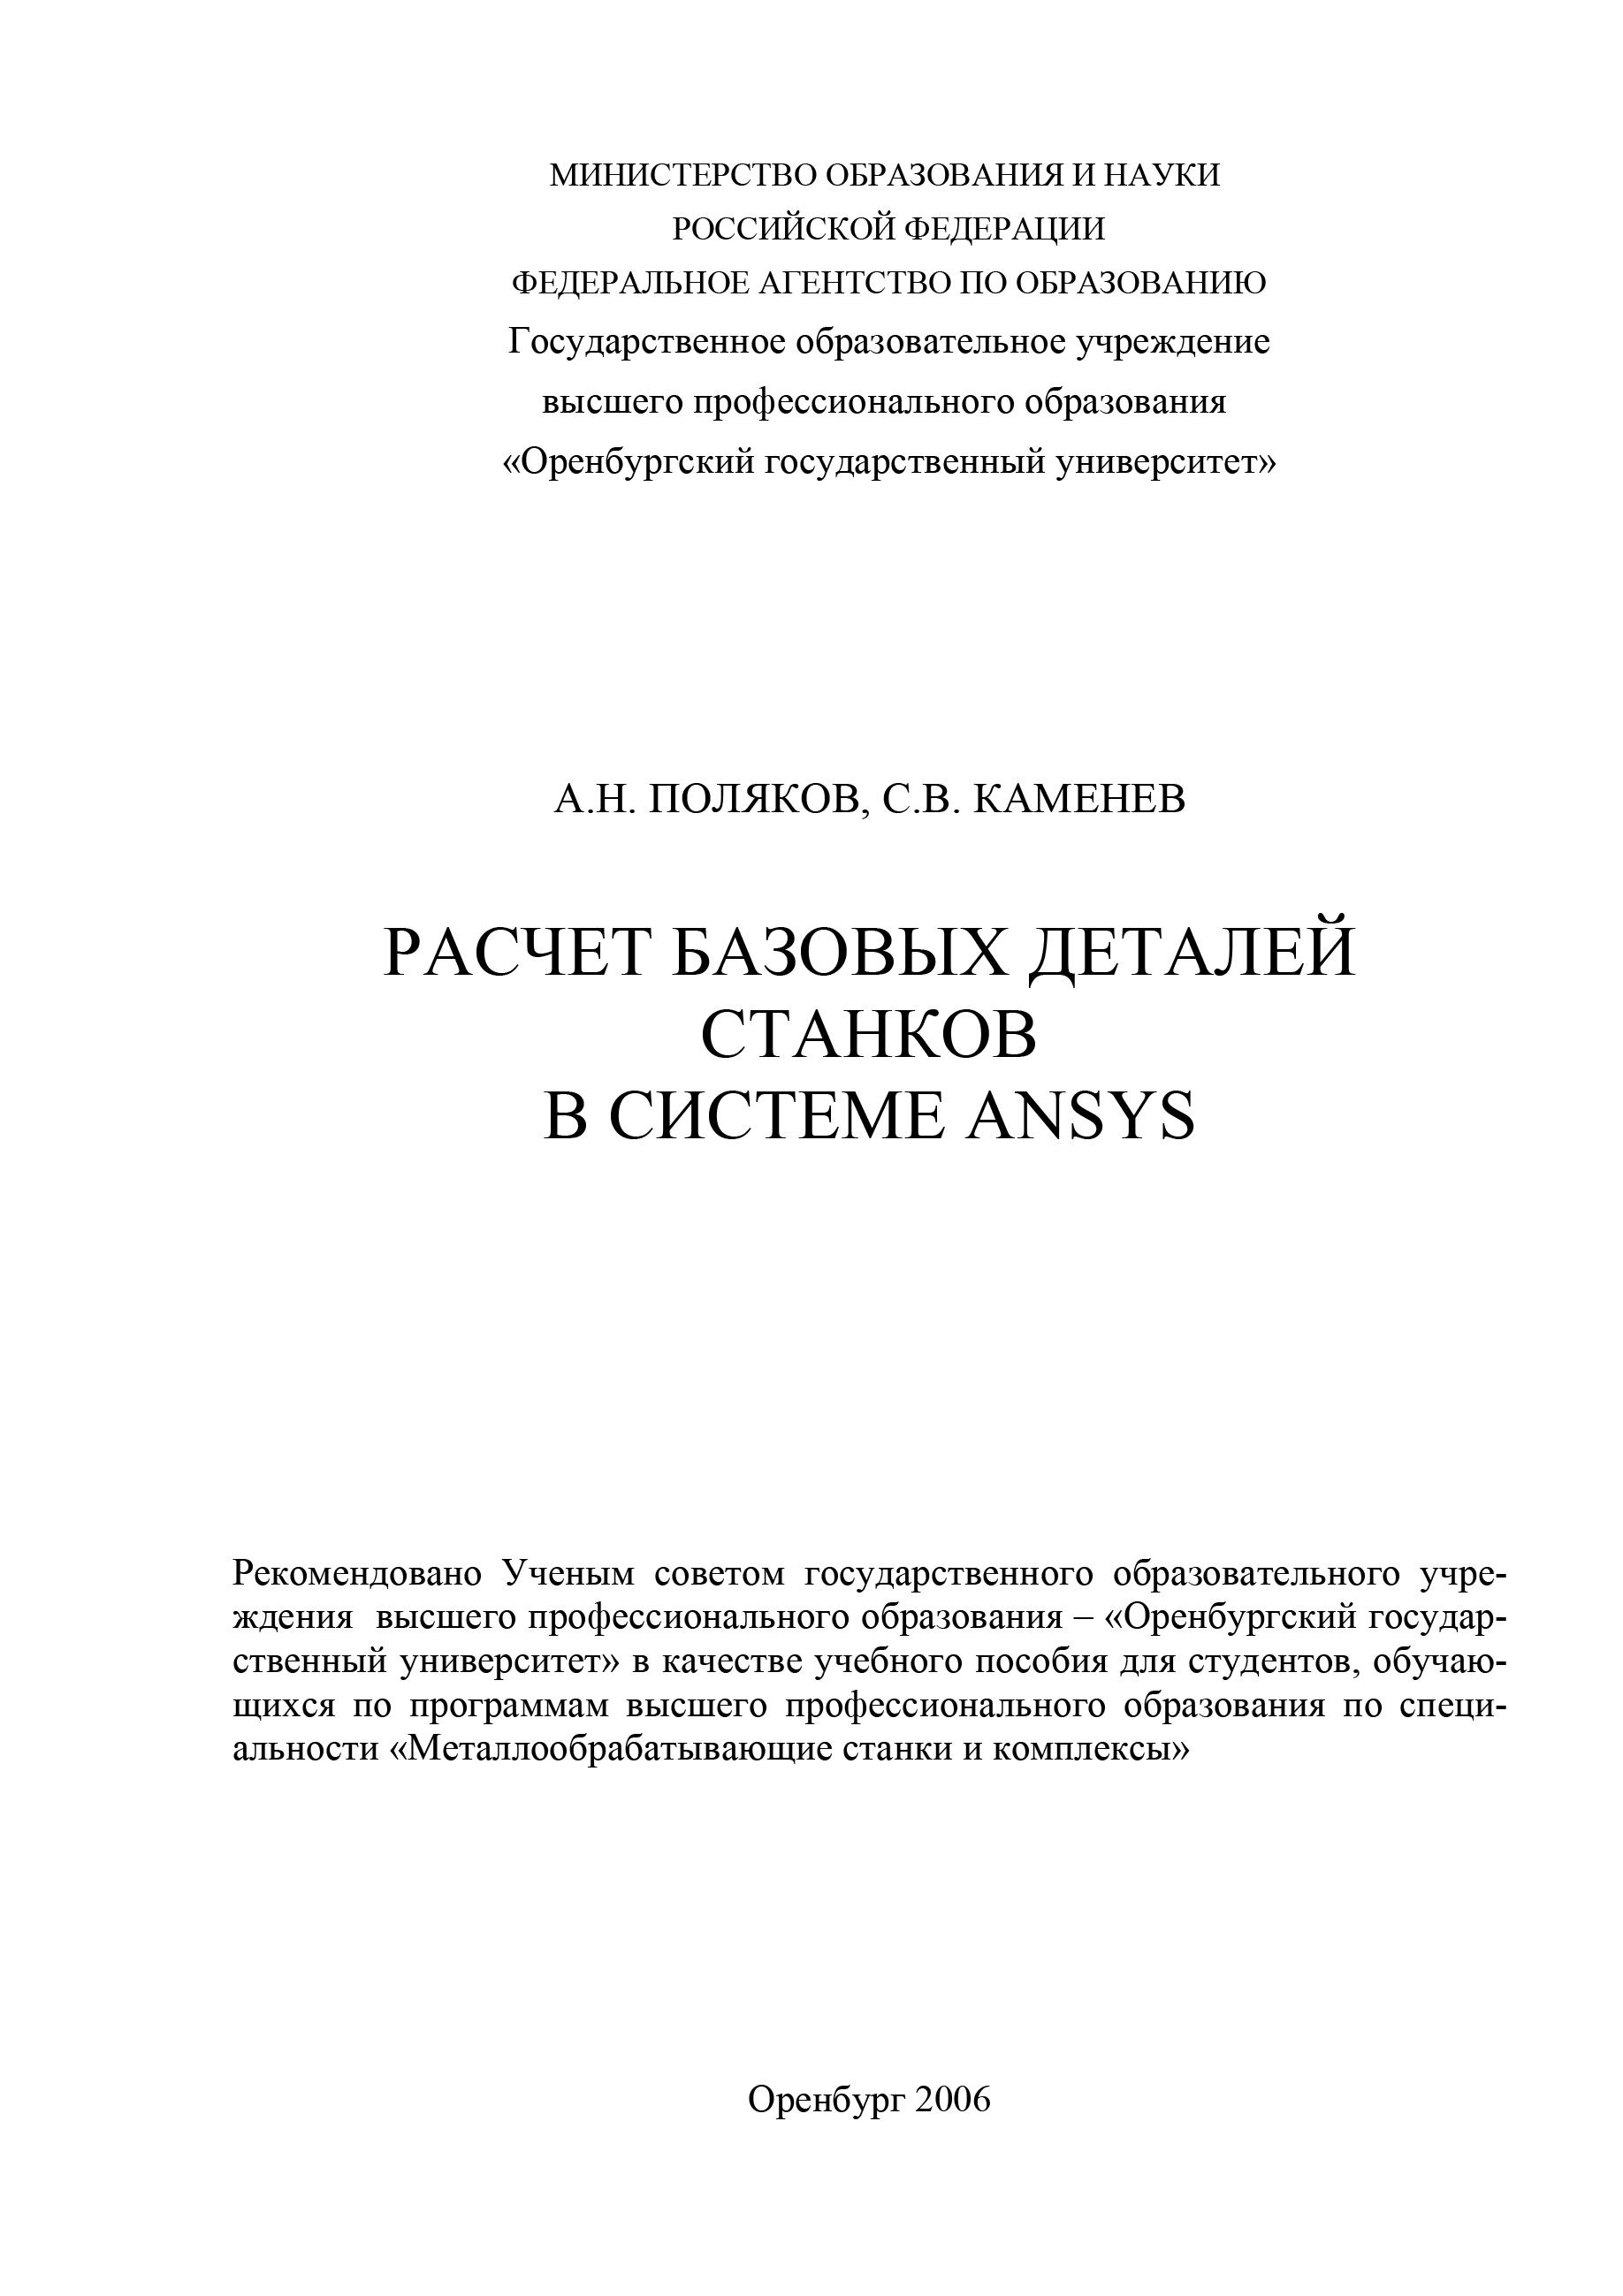 С. Каменев Расчет базовых деталей станков в системе ANSYS